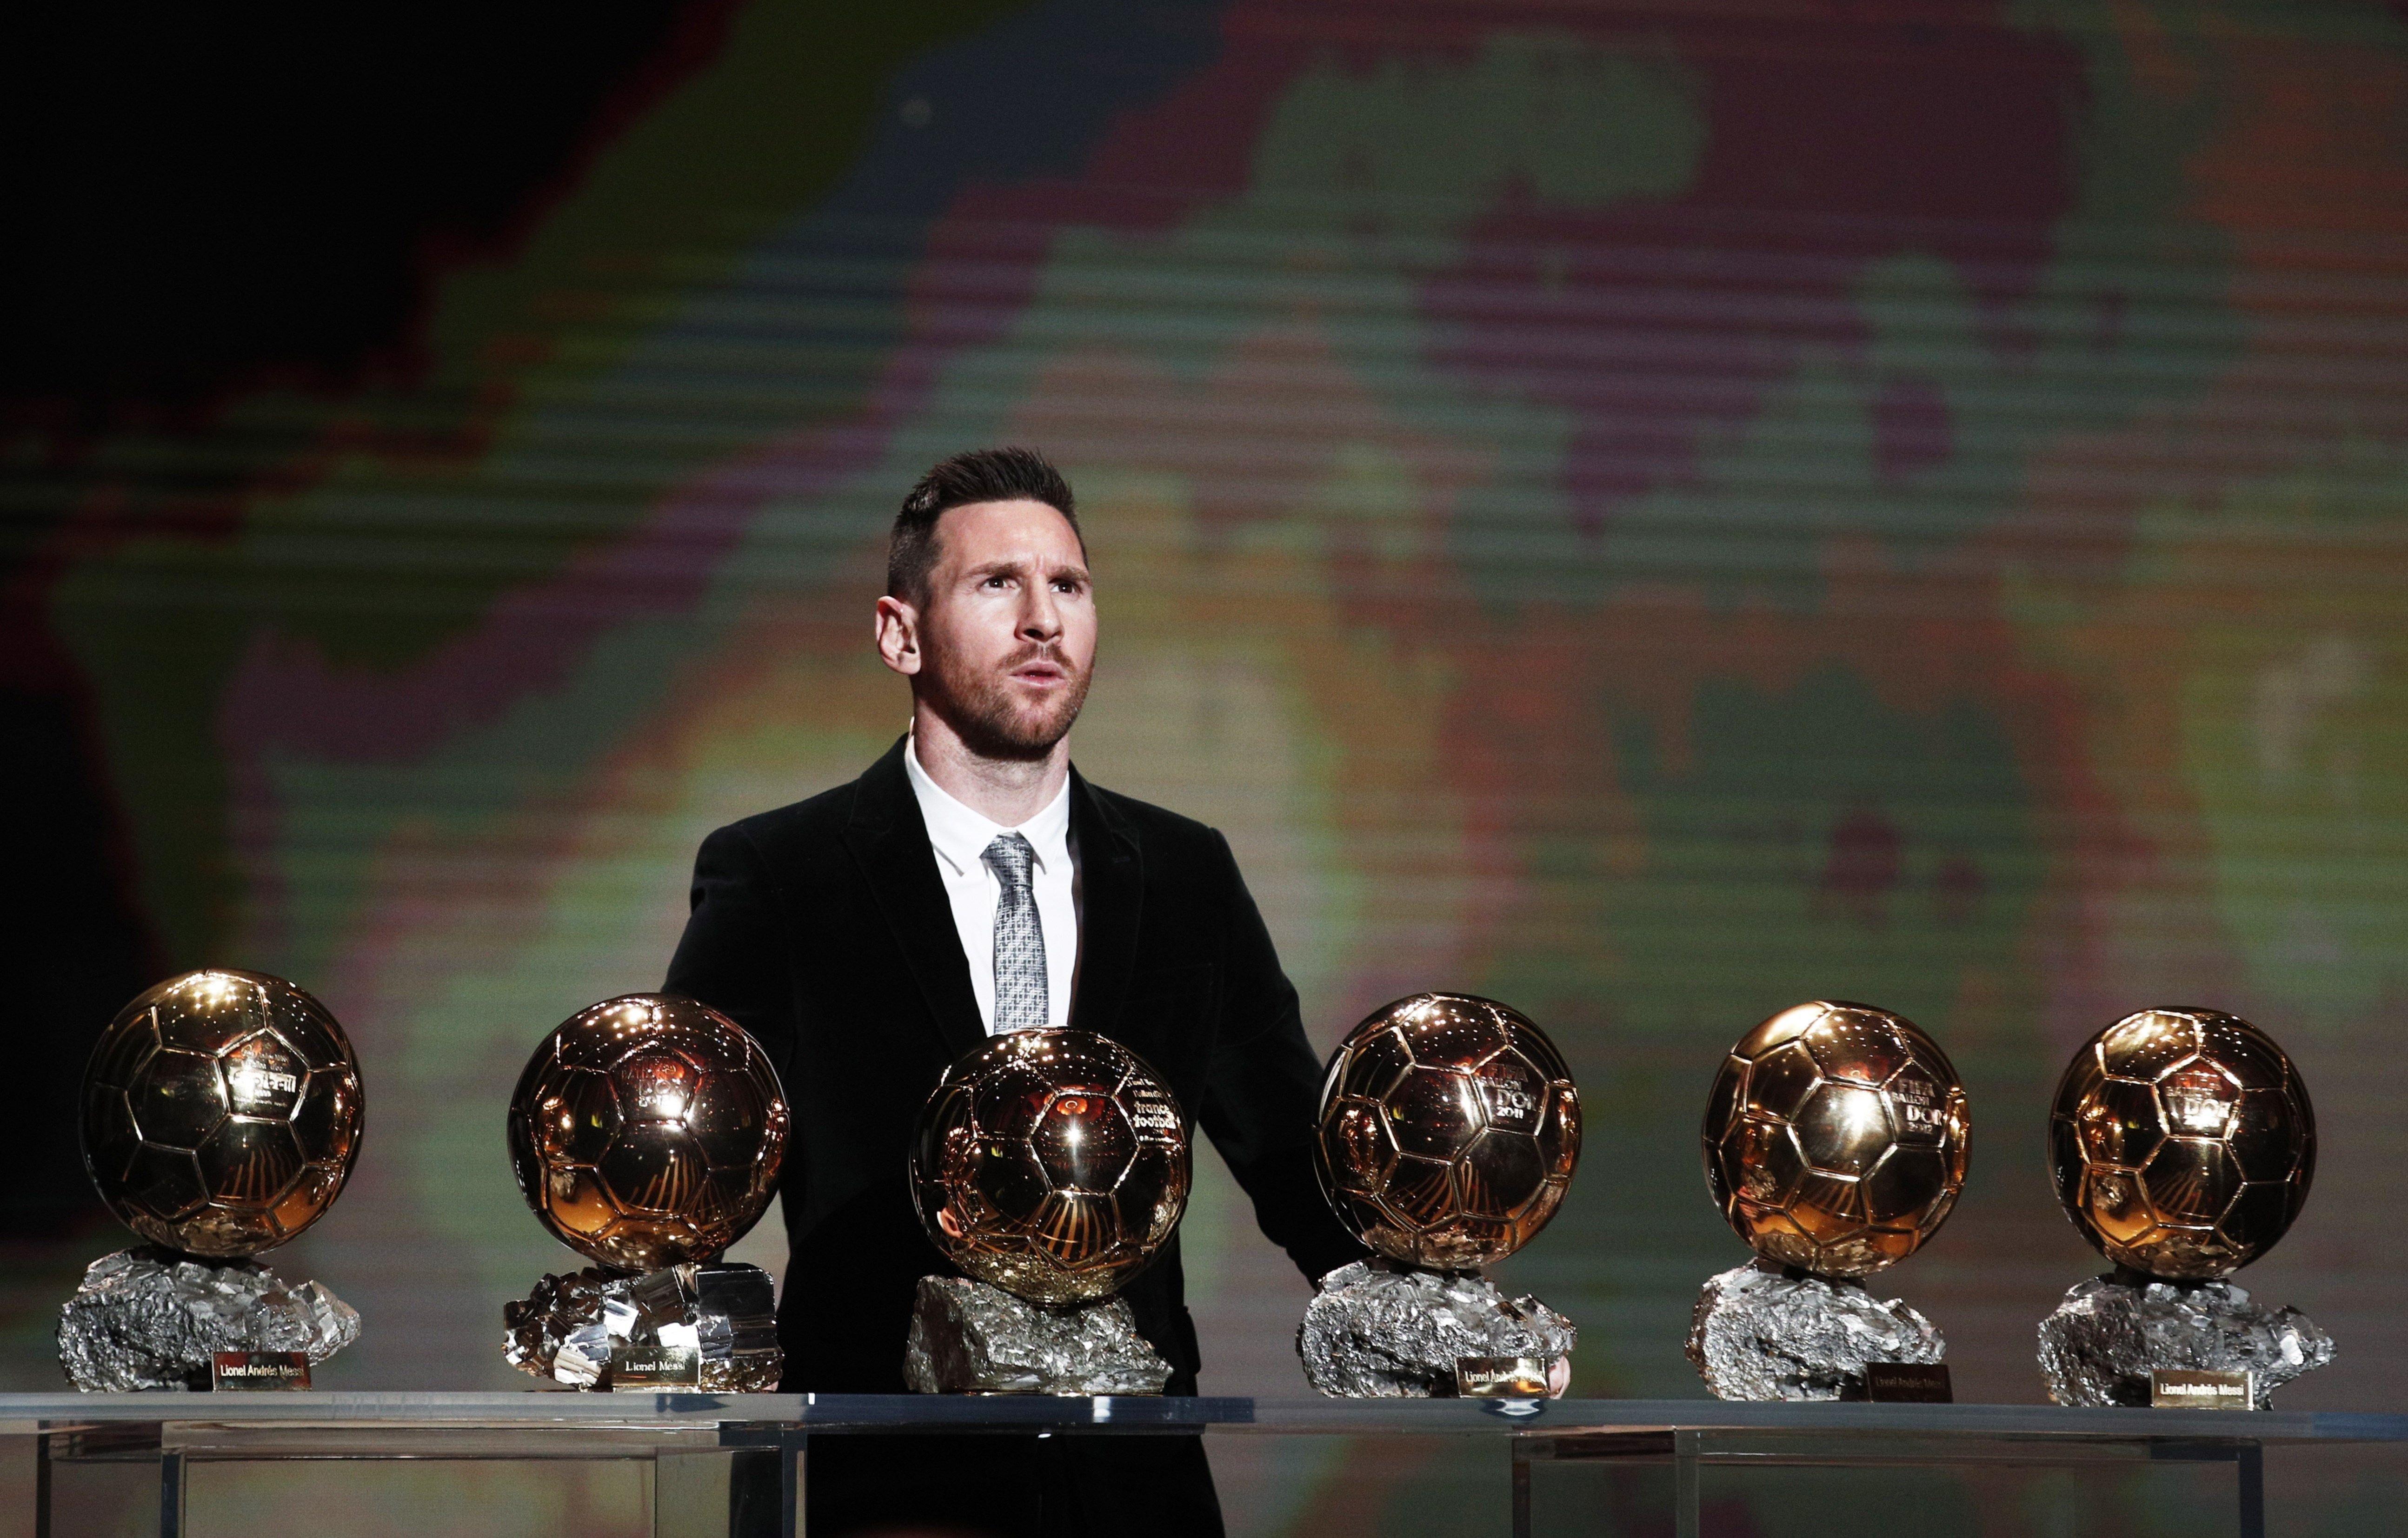 <p>El rey del oro. Lionel Messi junto con los seis Balón de Oro que cosechó a lo largo de su carrera.</p>